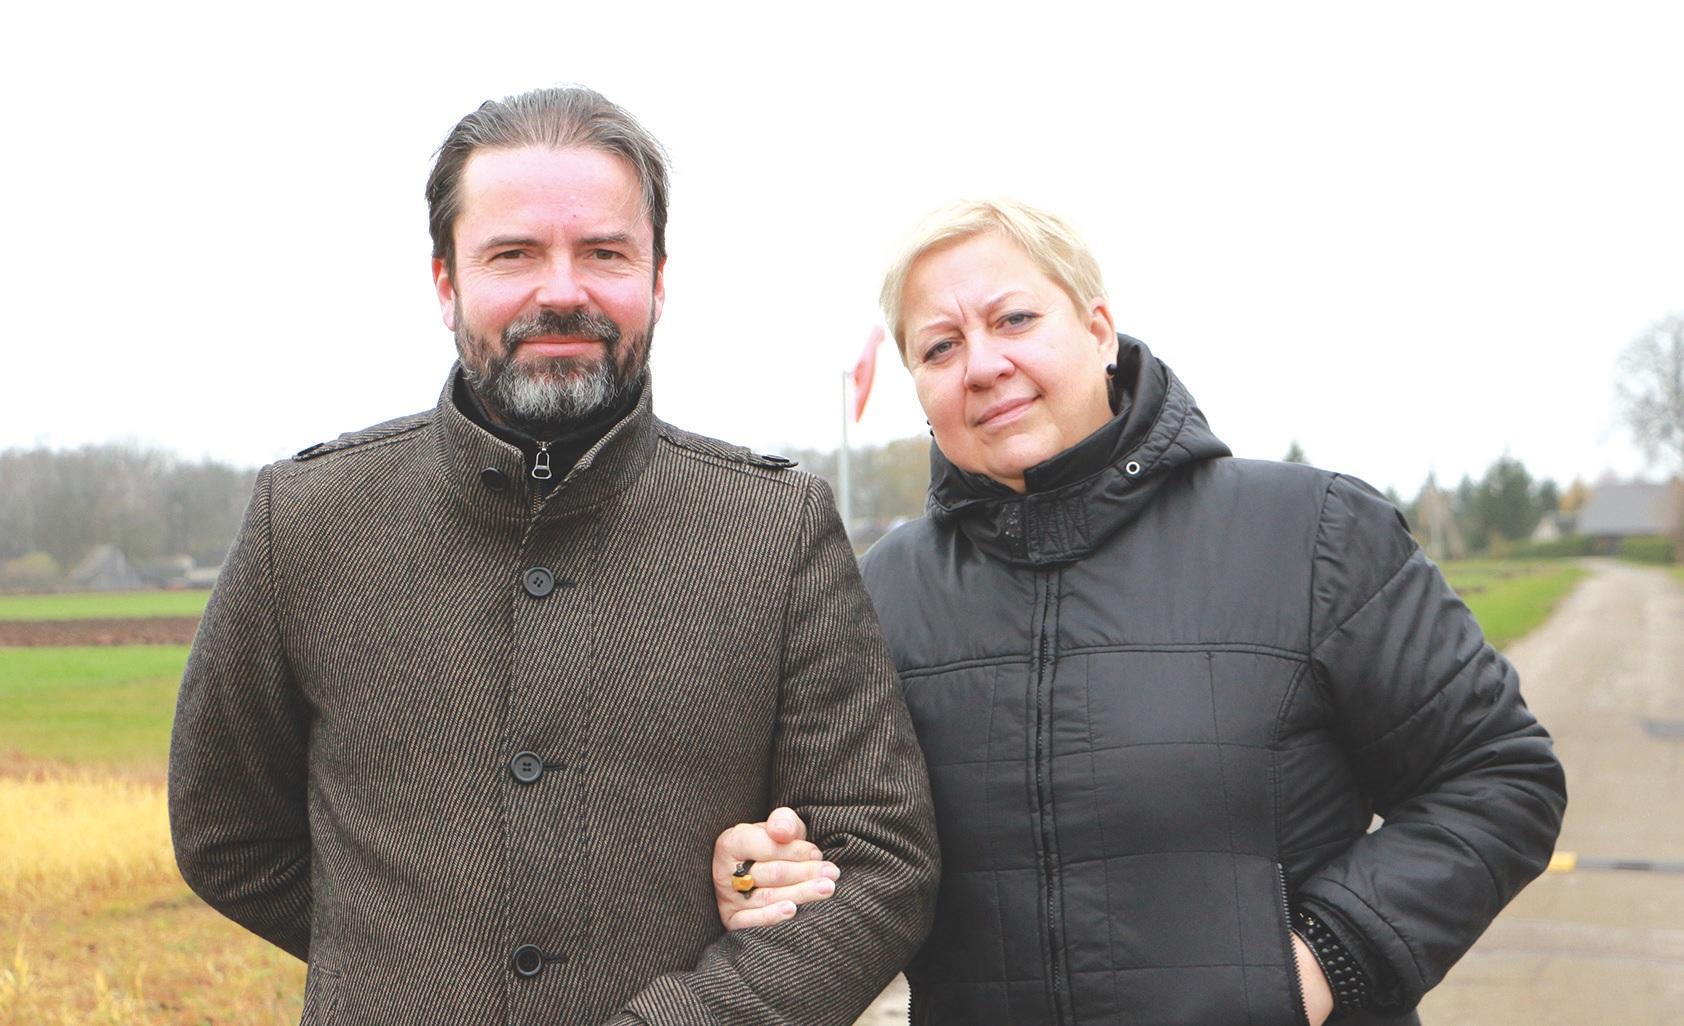 Bartkūniškių kaimo bendruomenės valdybos narys Egidijus Eimontas ir aktyvi bendruomenės narė Inga Liubinienė./Džestinos Borodinaitės nuotr.